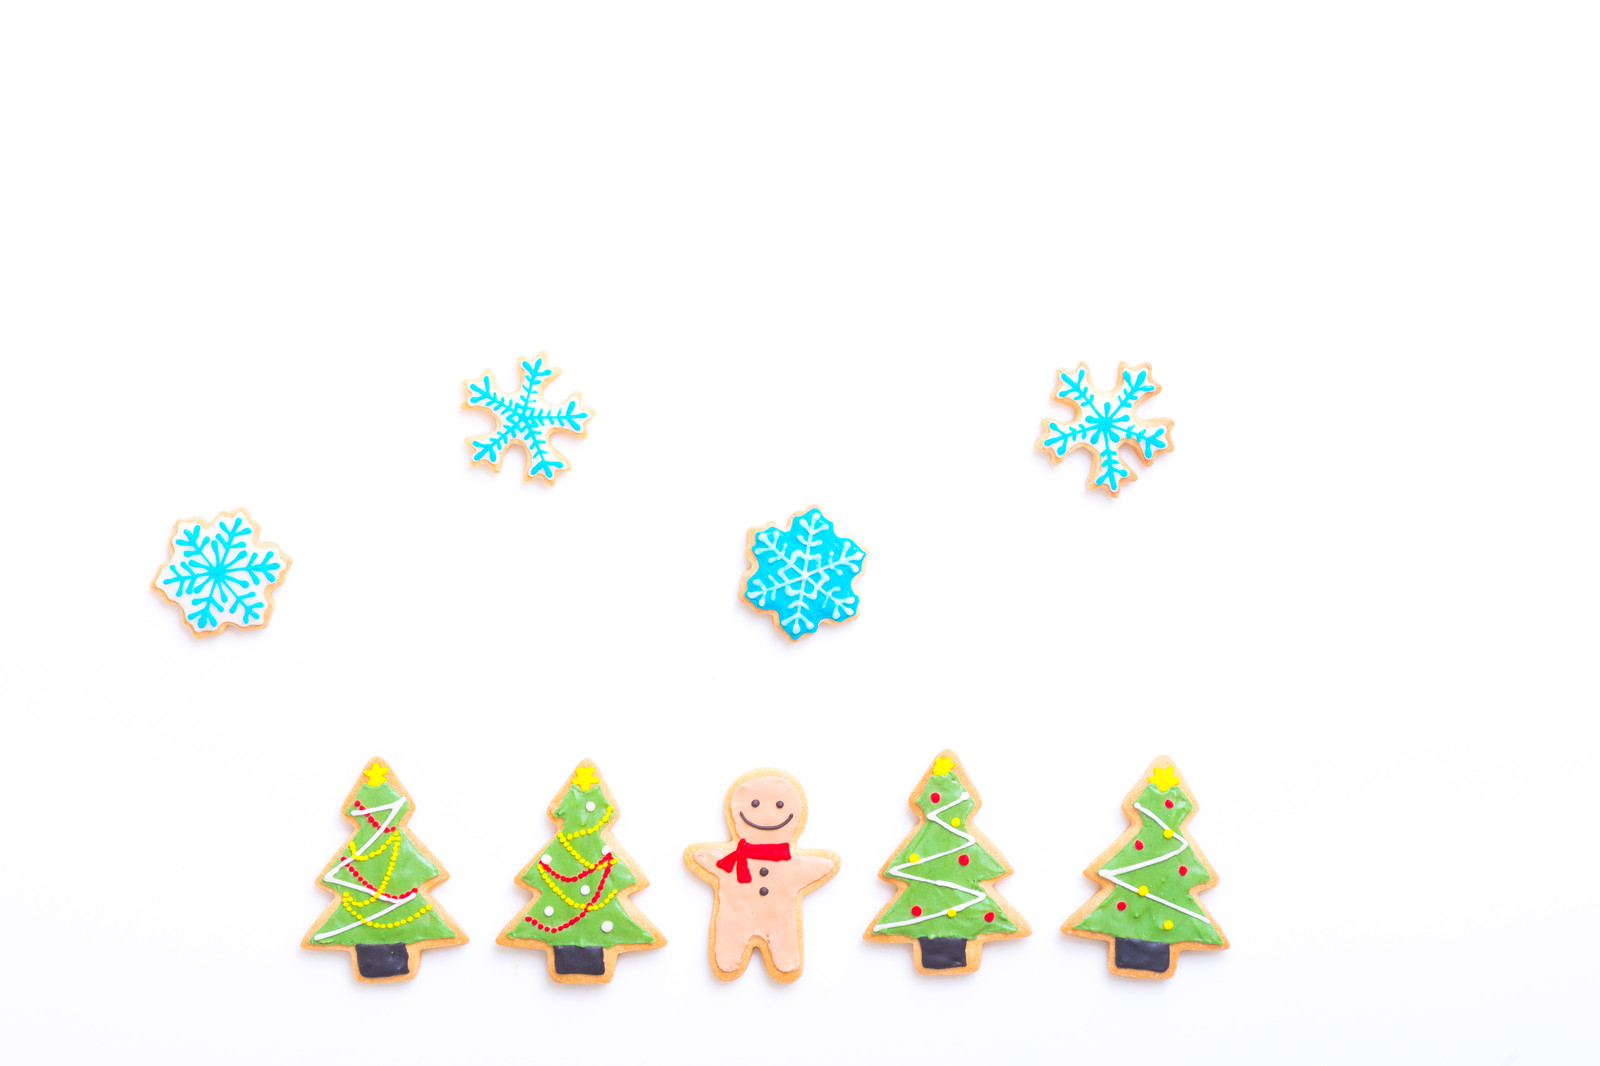 「クリスマスツリーに囲まれて(アイシングクッキー)」の写真